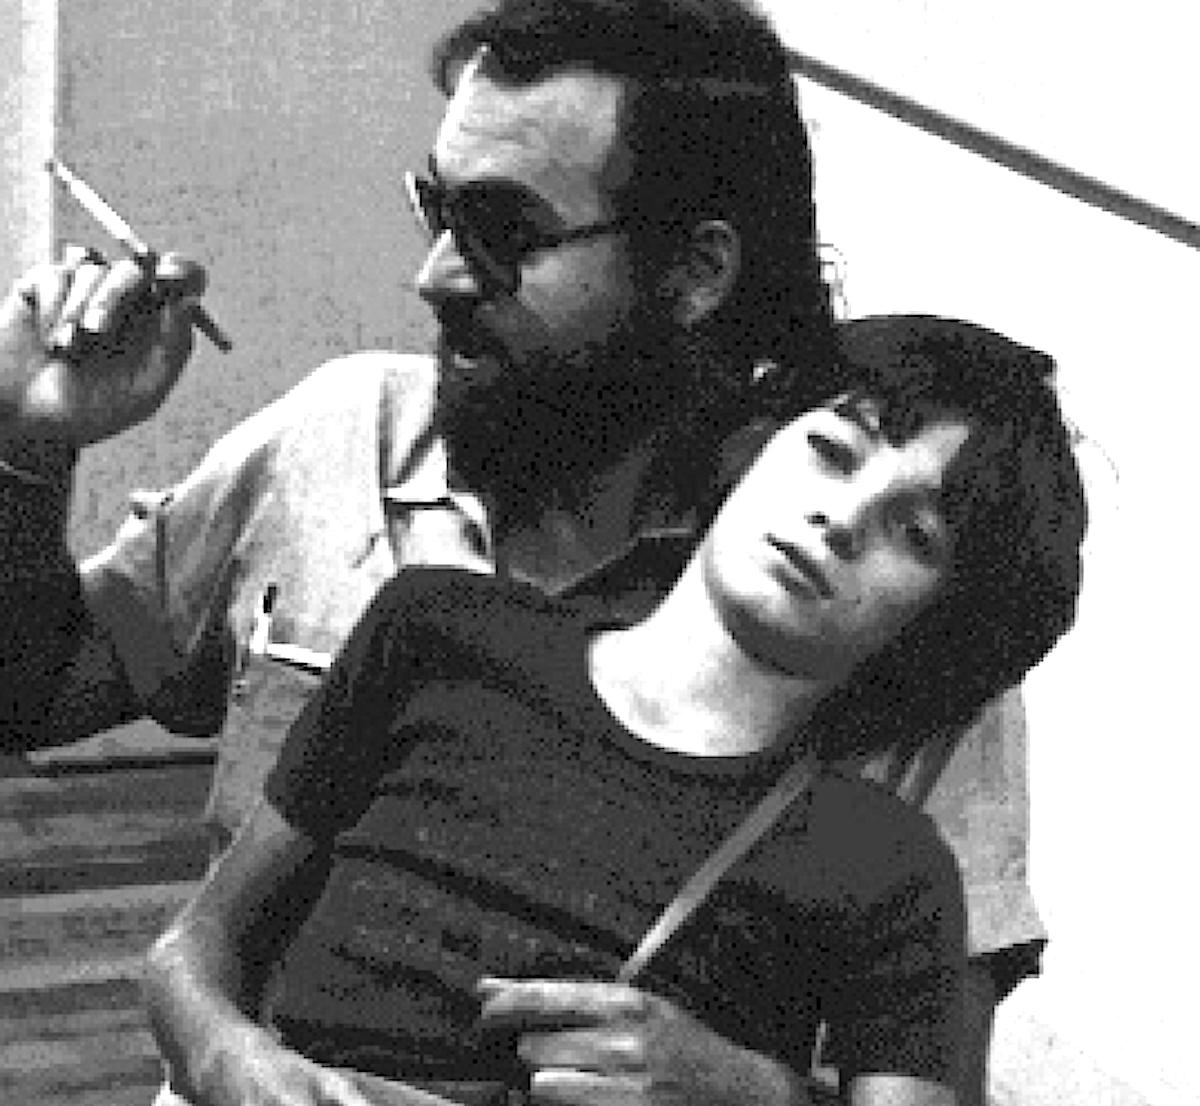 Vater und Sohn: Alex auf dem Schoss des weltbekannten Fotografen Allan Porter.